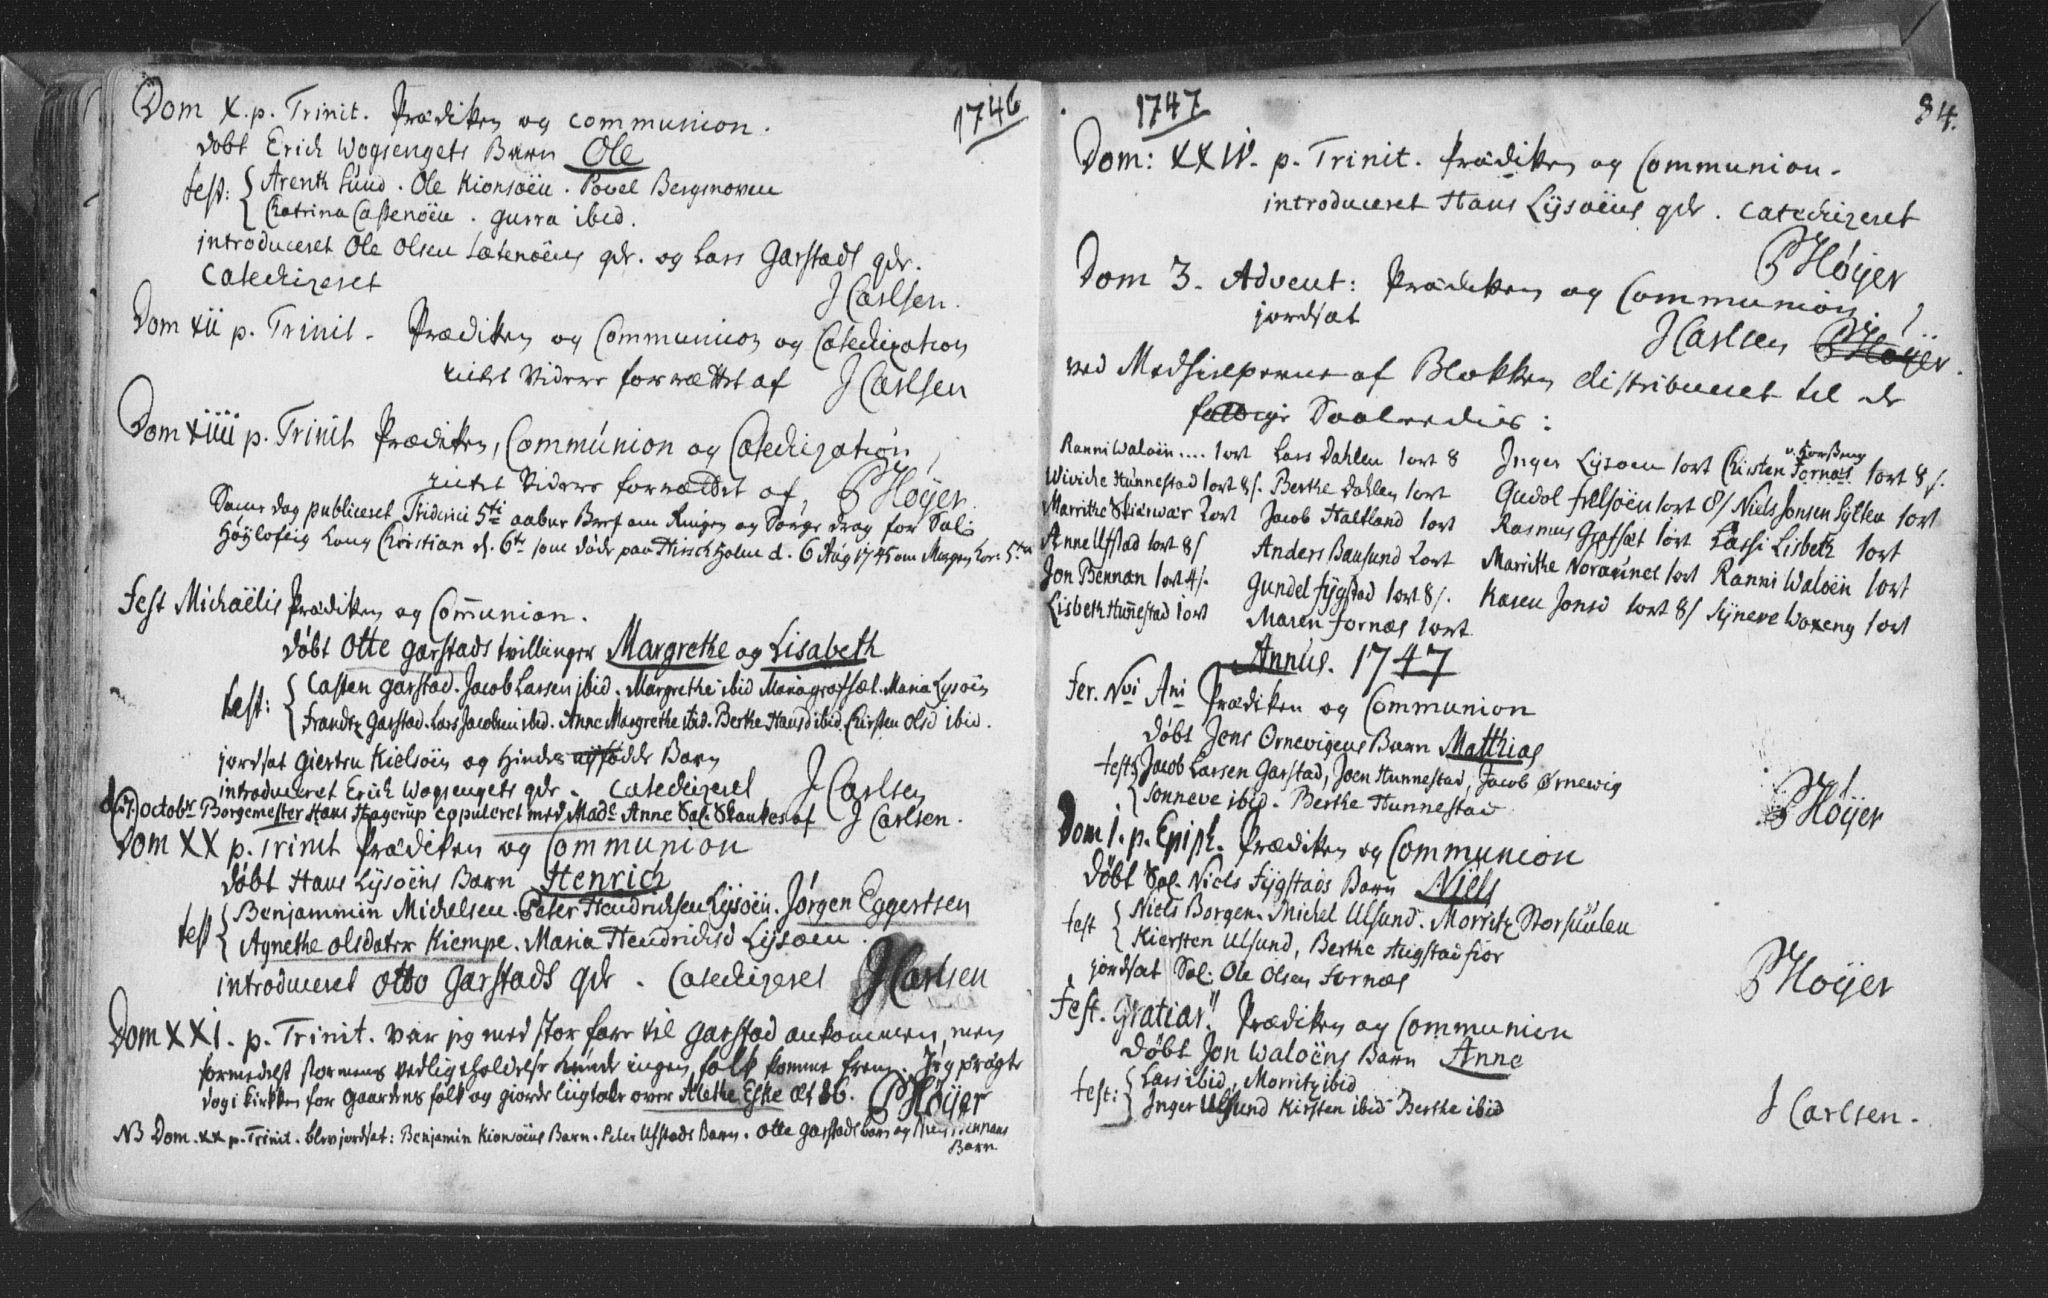 SAT, Ministerialprotokoller, klokkerbøker og fødselsregistre - Nord-Trøndelag, 786/L0685: Ministerialbok nr. 786A01, 1710-1798, s. 84